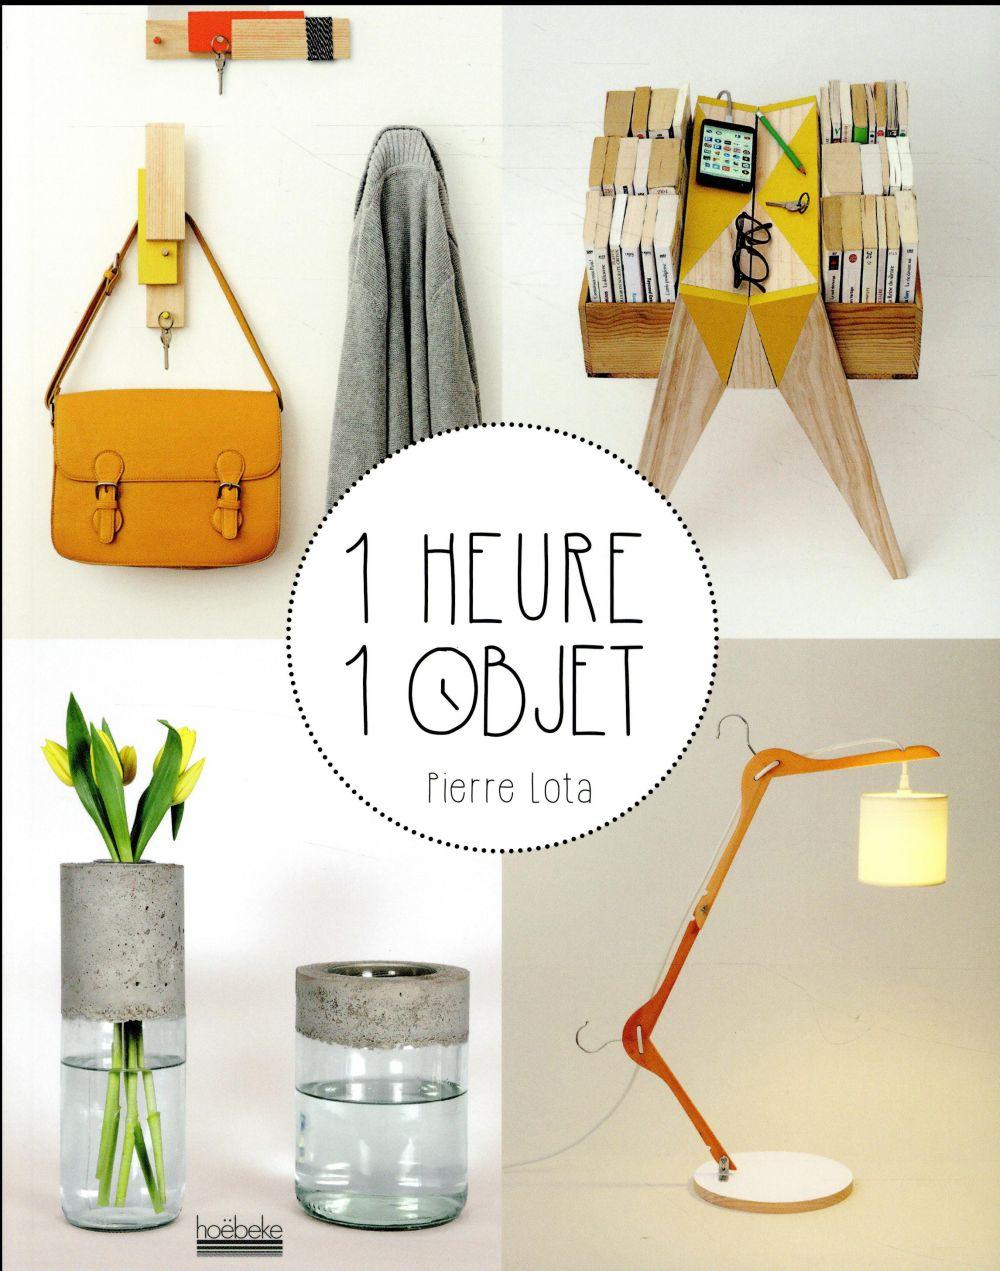 1 heure/1 objet